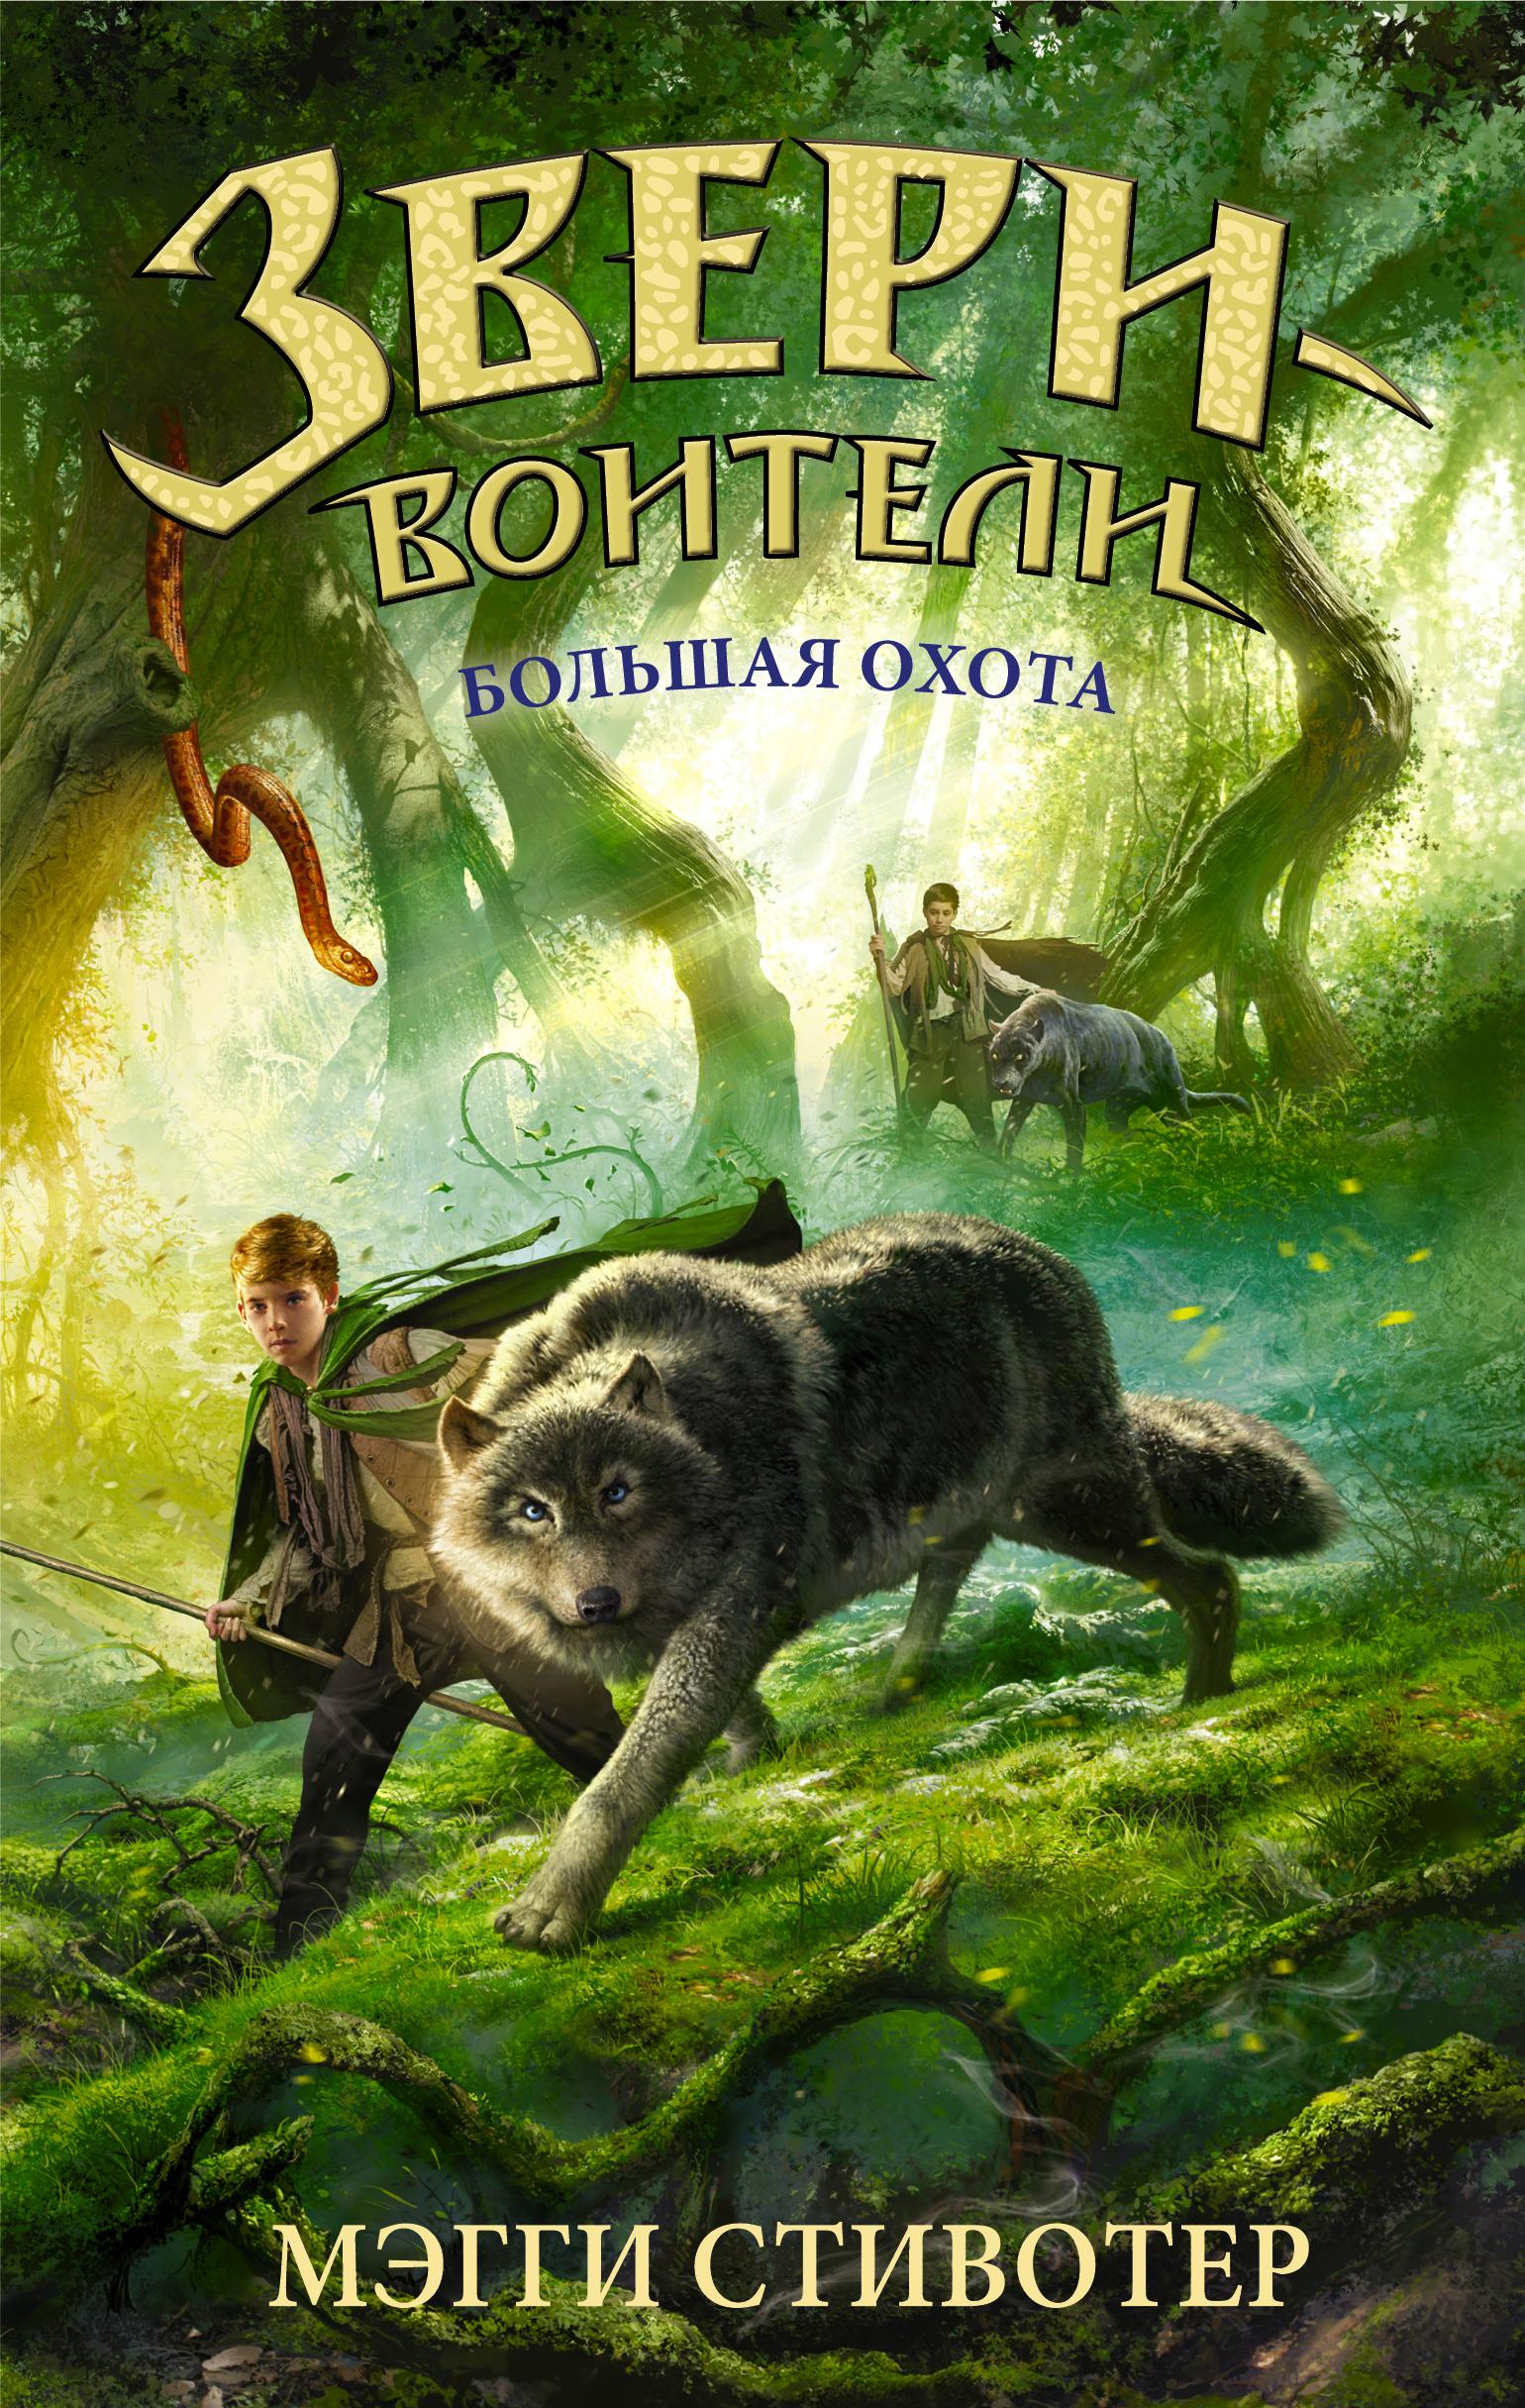 Скачать книги про зверей